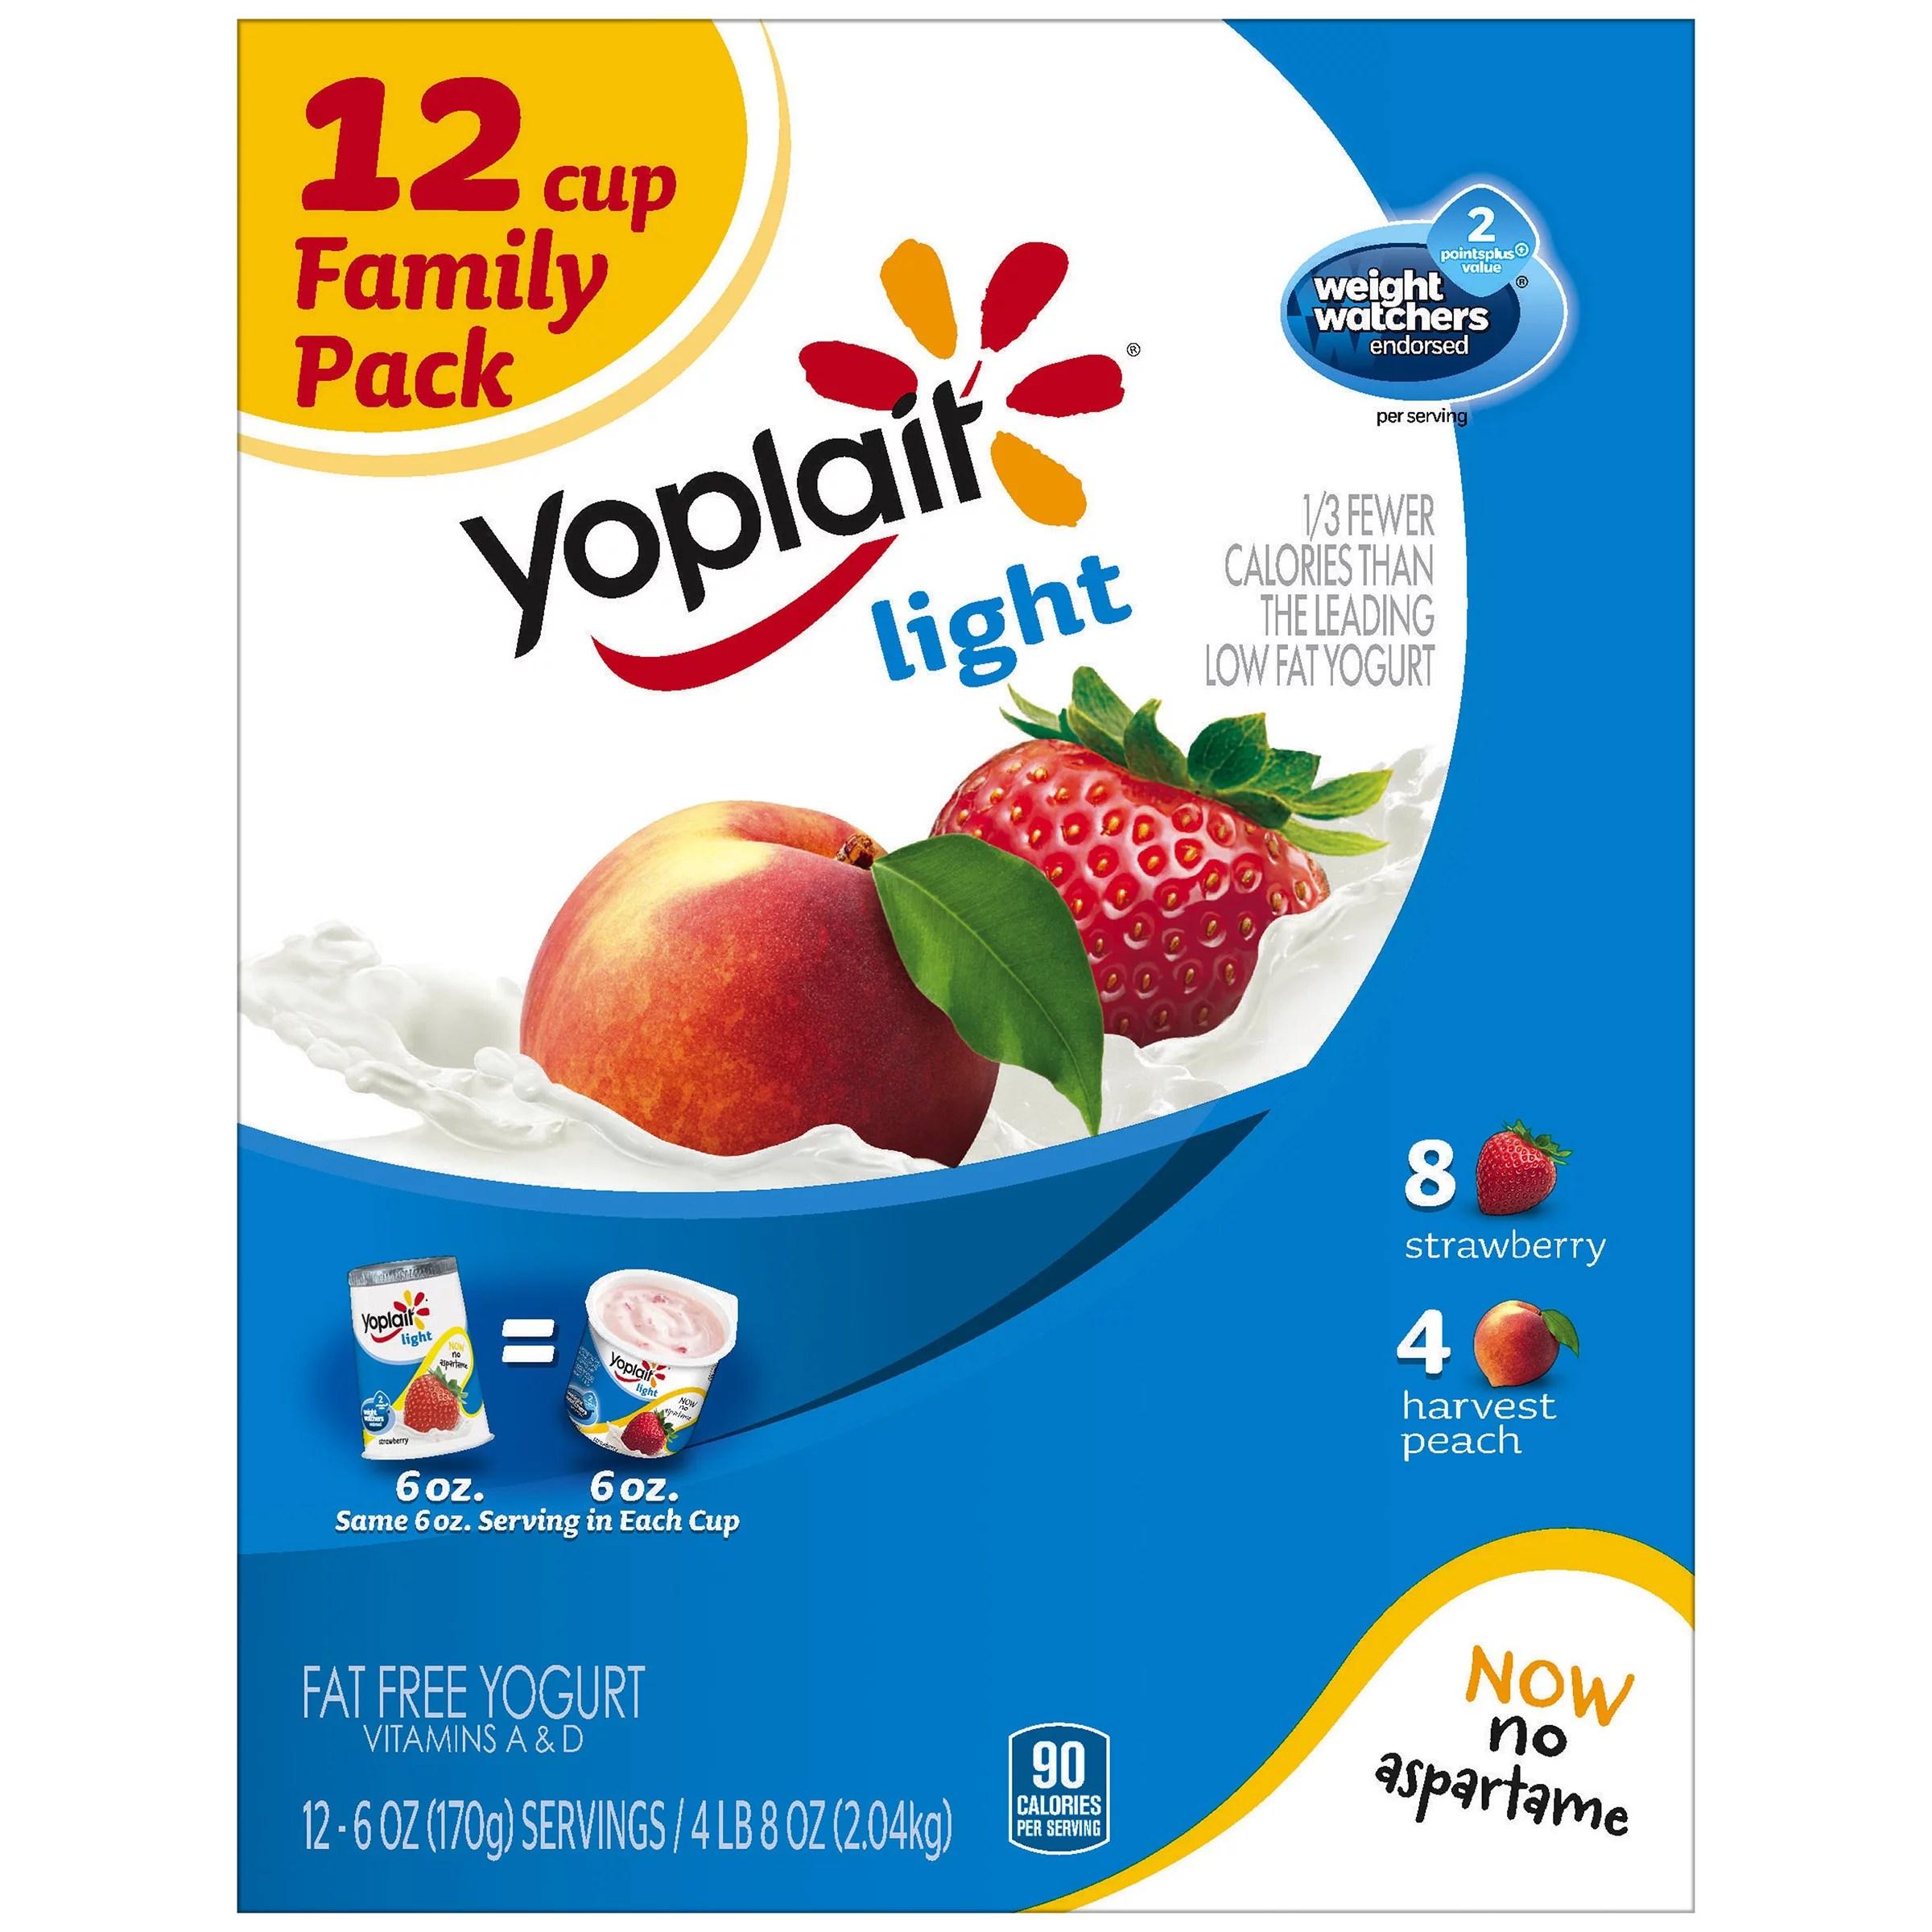 Yoplait Light Calories